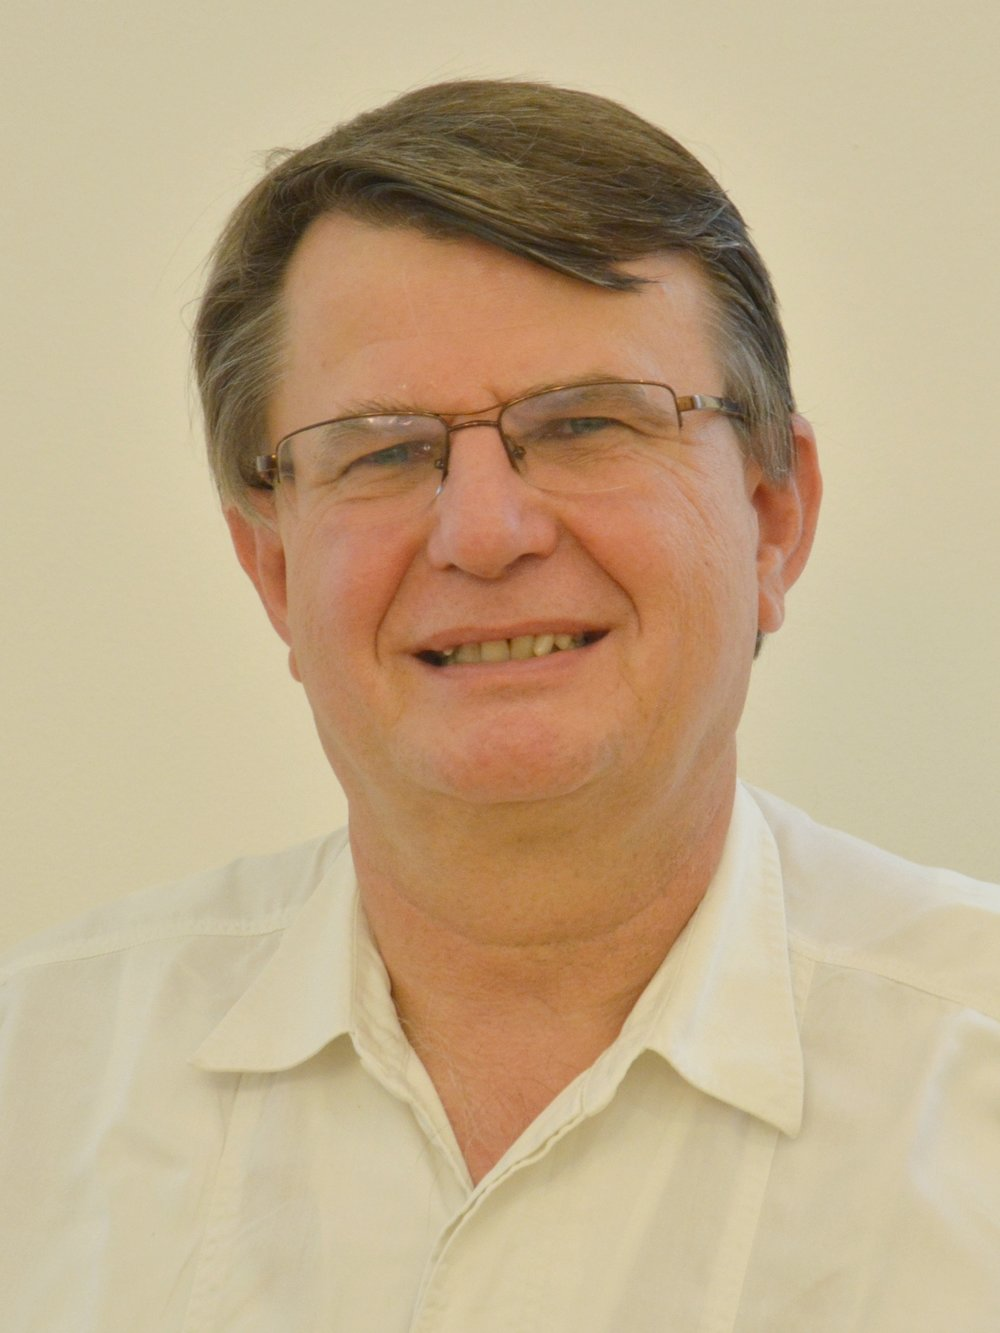 Bence Imre igazgató lelkész